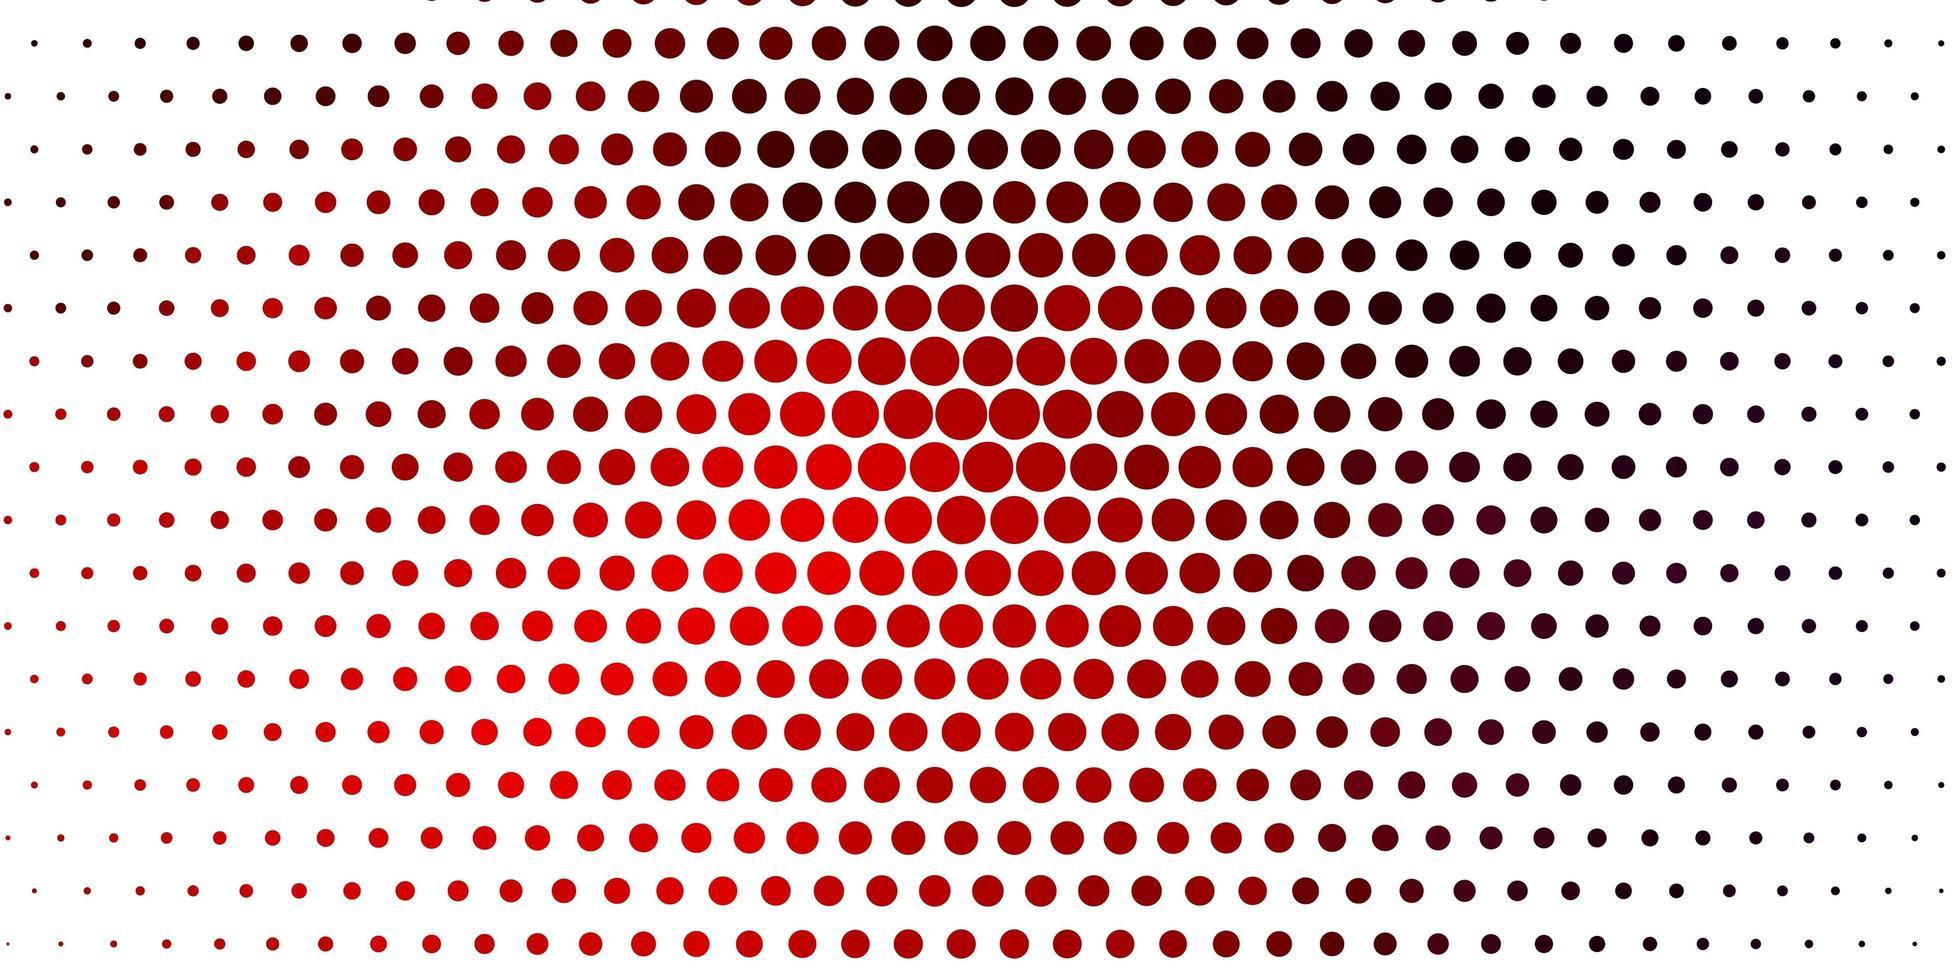 patrón rojo con esferas. vector